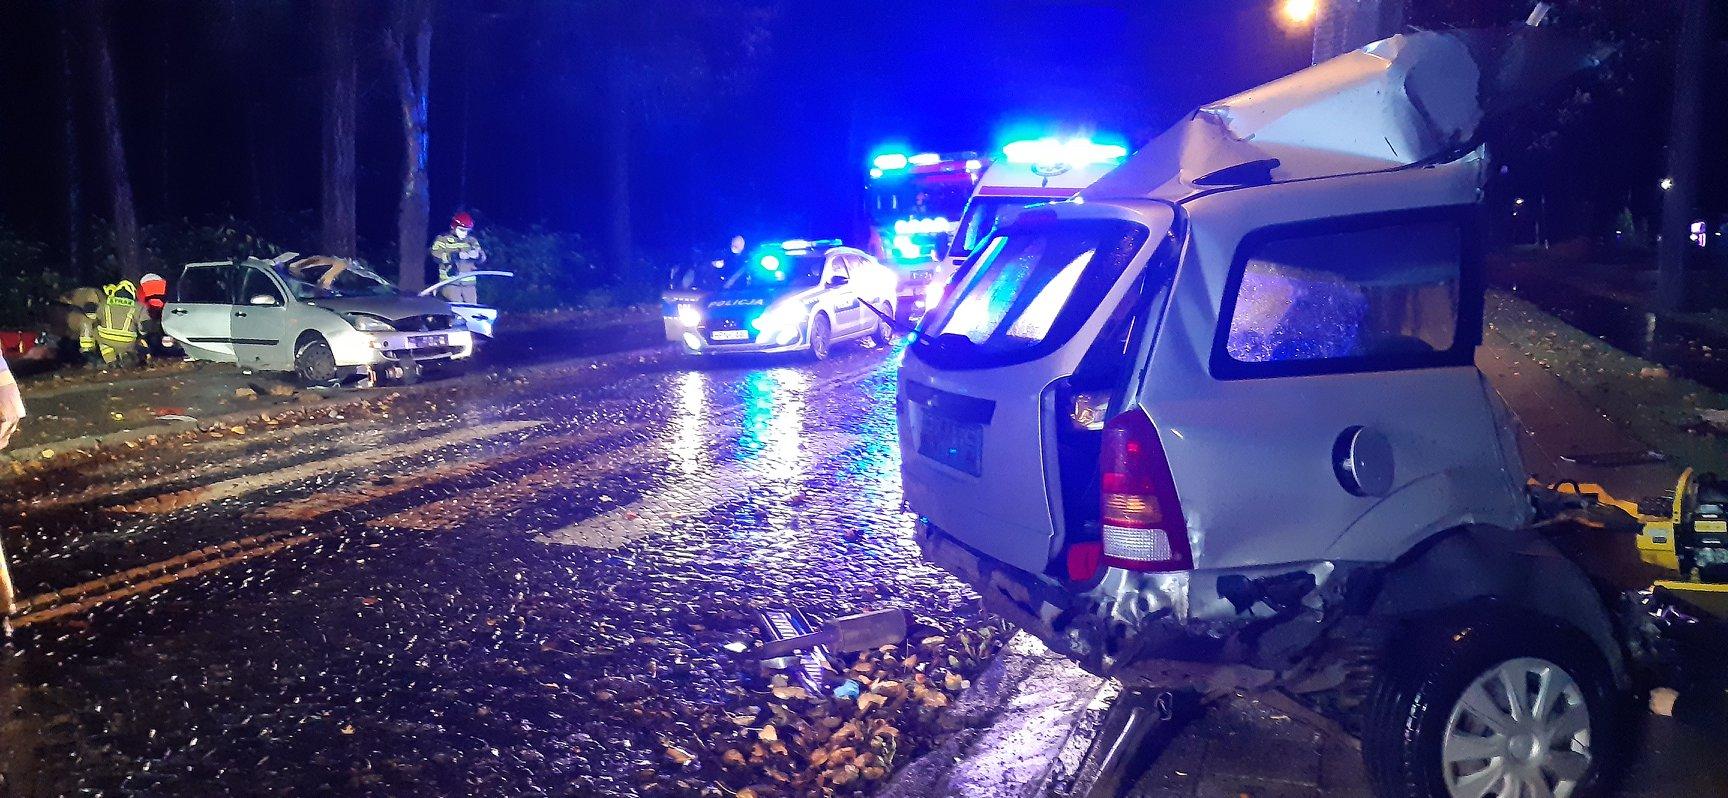 Śmiertelny wypadek w Jastrzębiej Górze (listopad 2020). Nie żyją dwie osoby, auto przecięte w pół | ZDJĘCIA